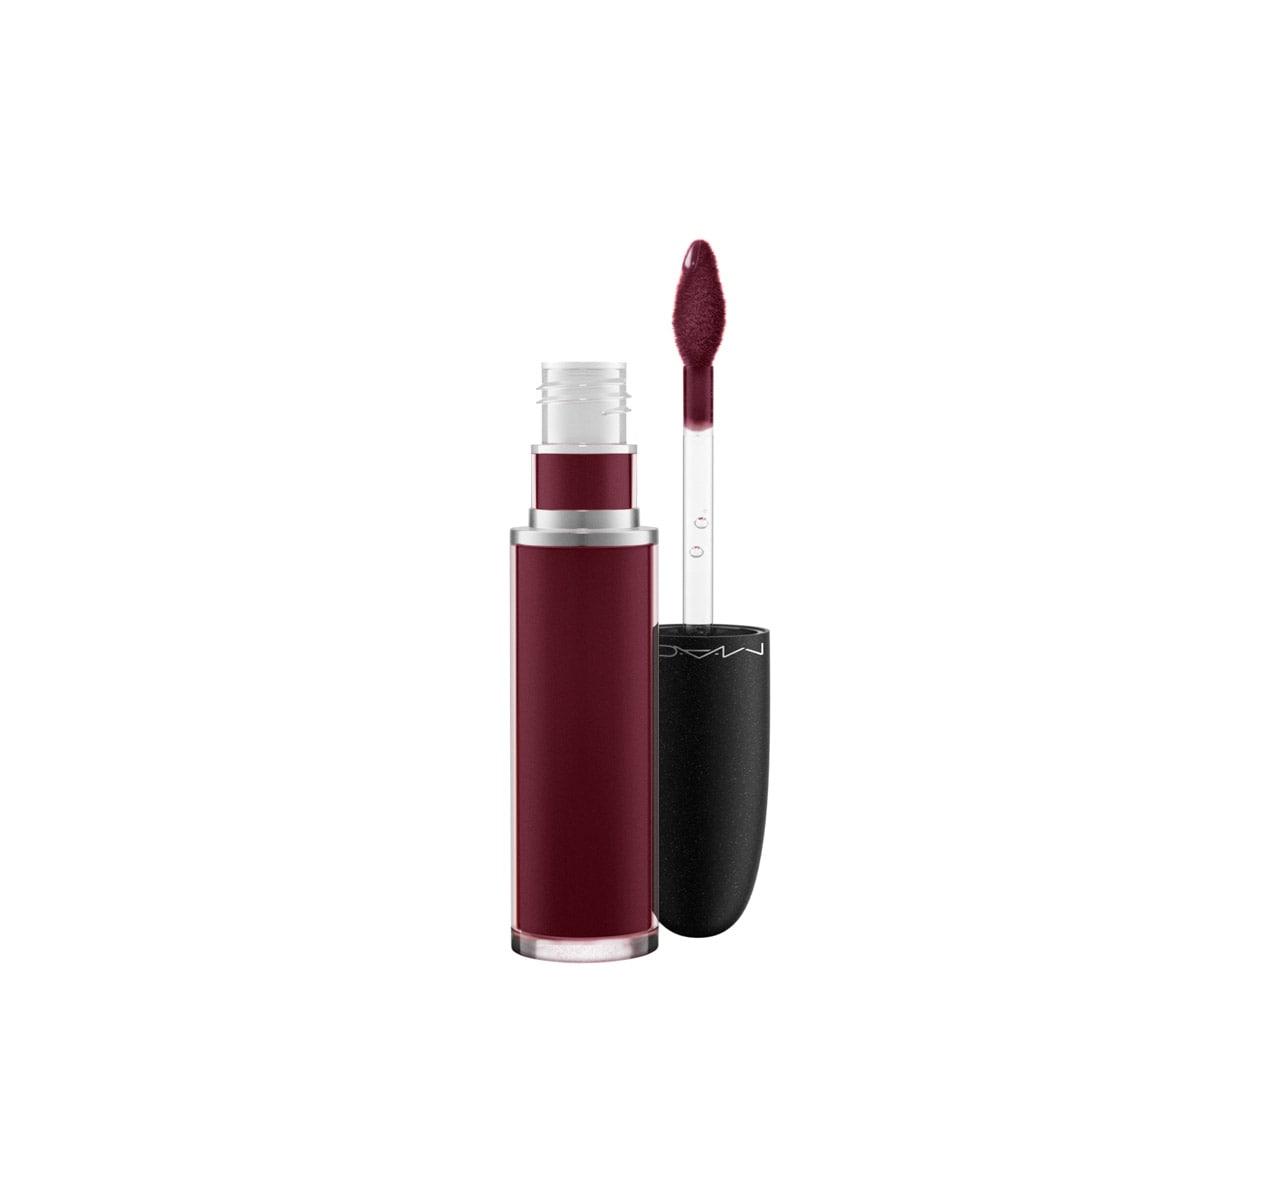 High Drama - Retro Matte Liquid Lipcolour